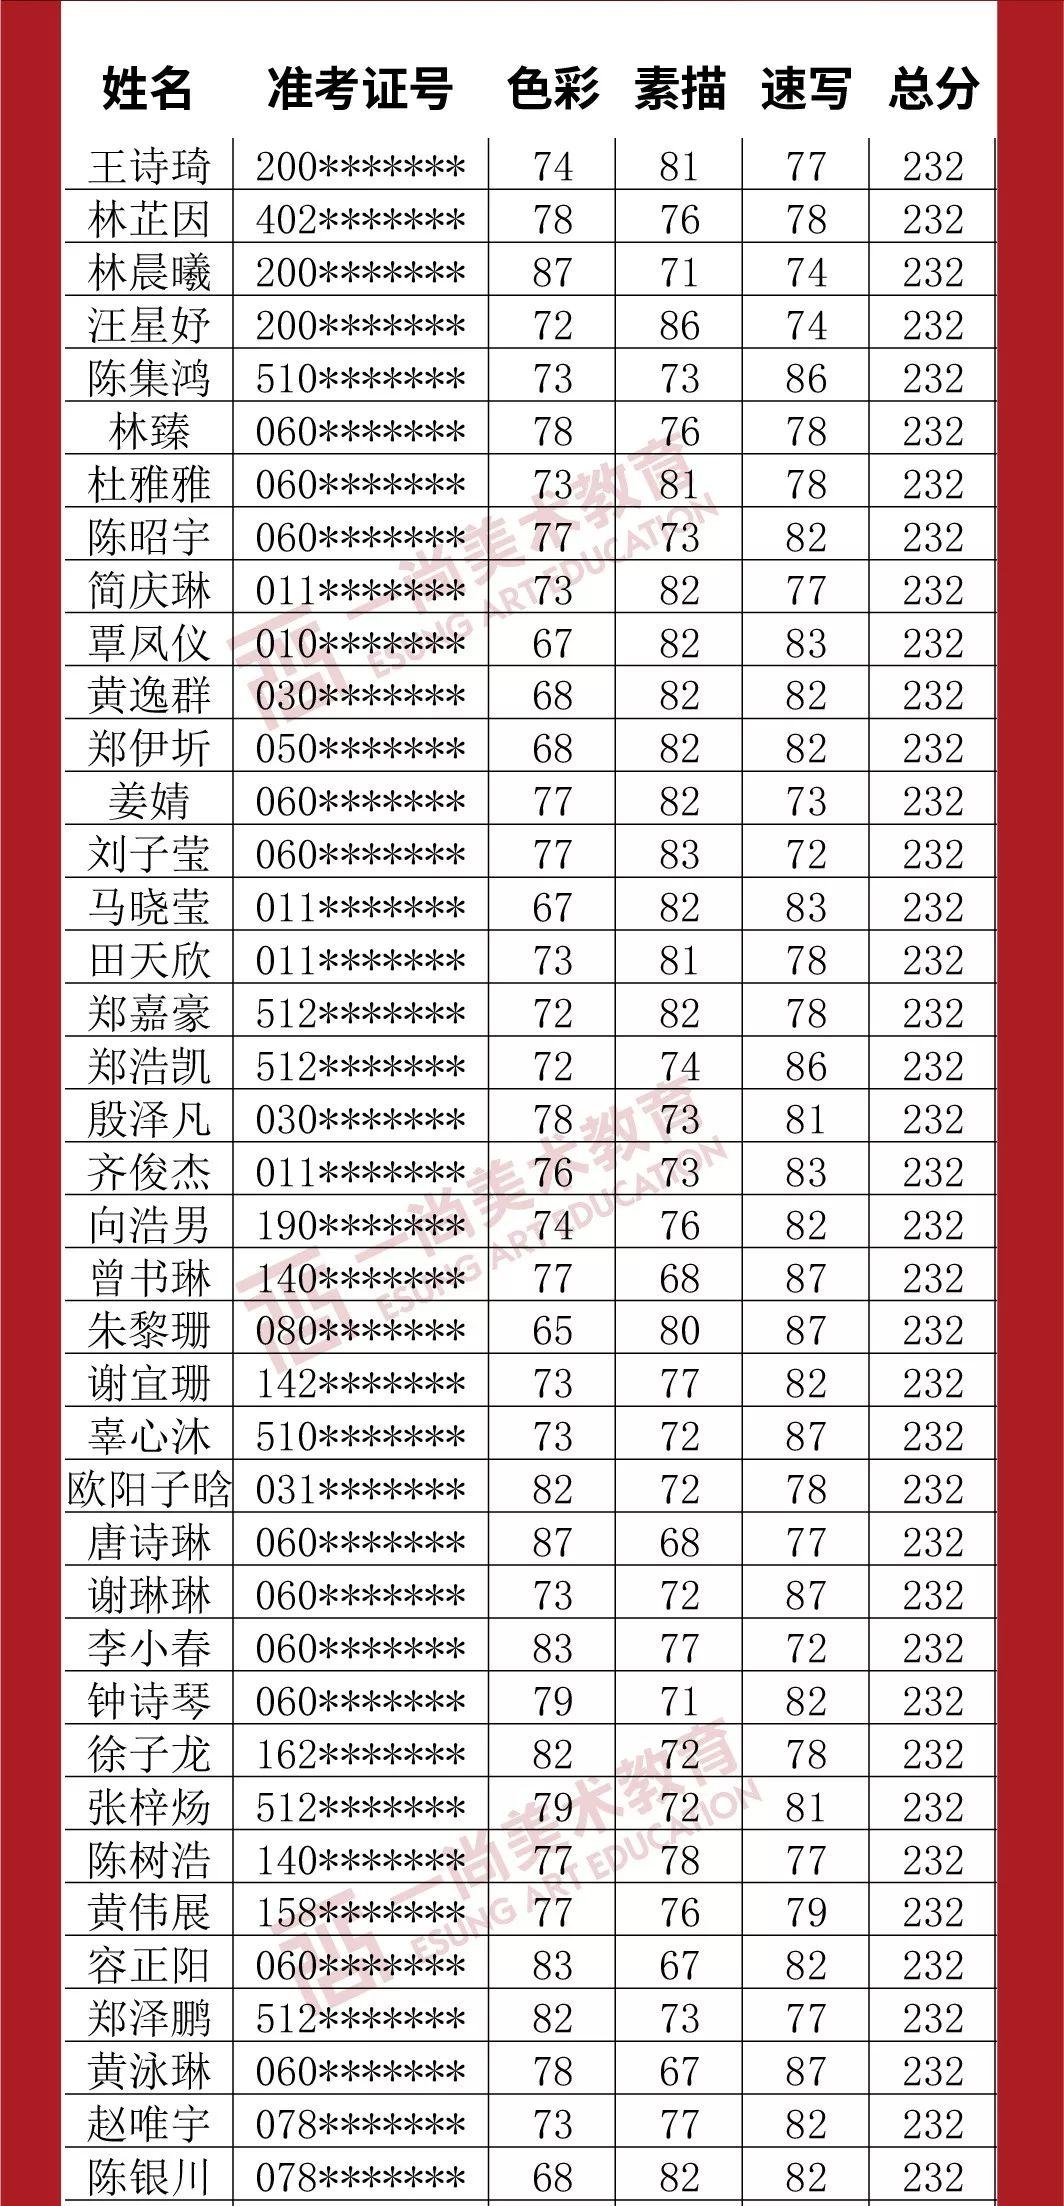 广州度岸画室,广东美术联考,广州美术培训         38